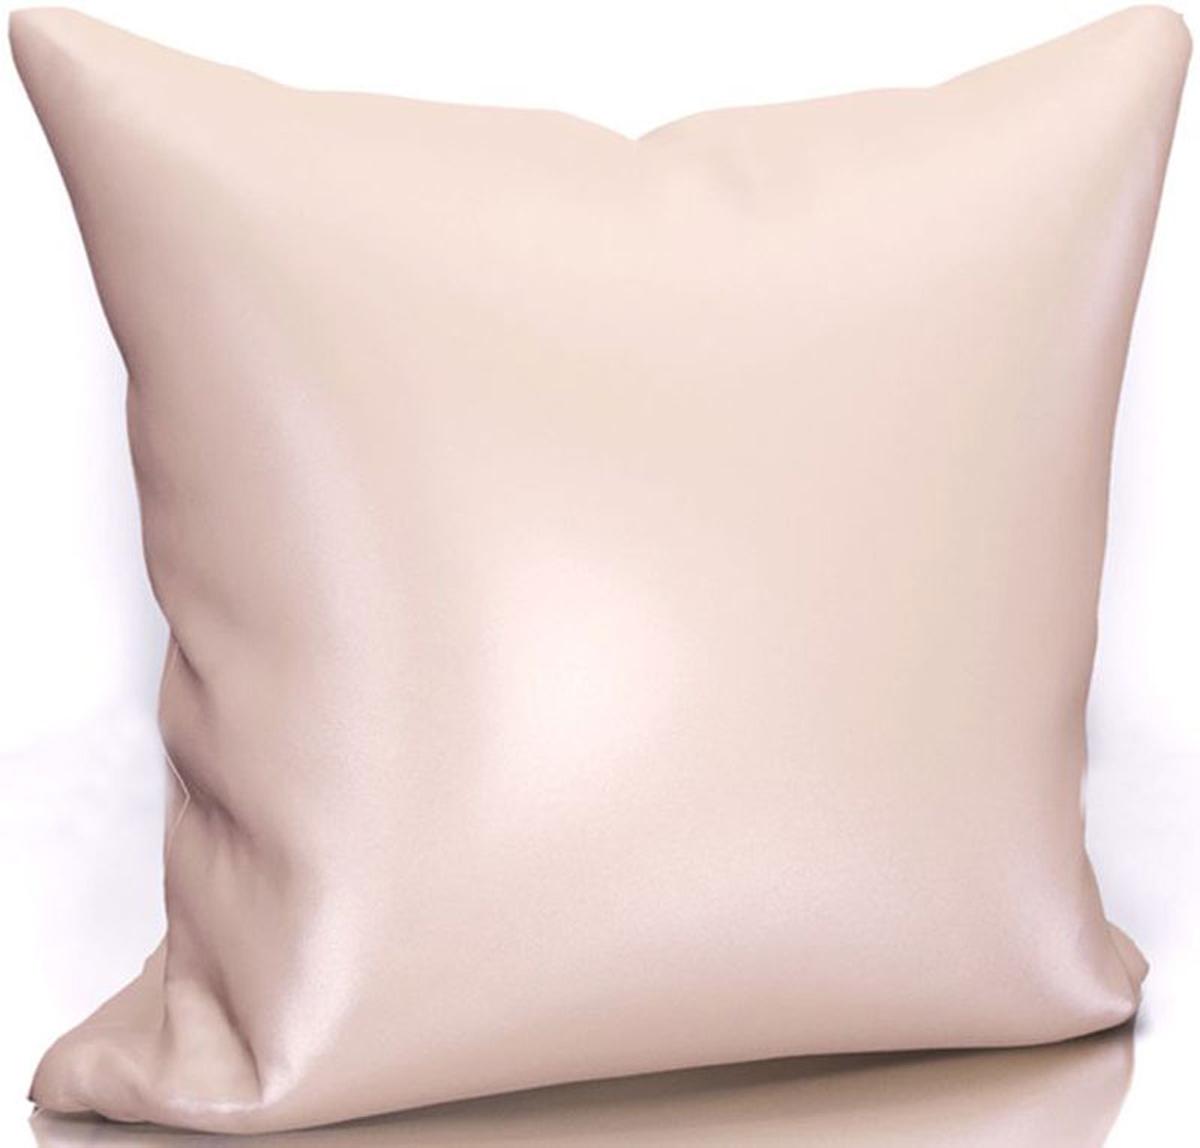 Подушка декоративная KauffOrt Эвелина, цвет: розовый, 40 х 40 см3122301671Декоративная подушка KauffOrt  прекрасно дополнит интерьер спальни или гостиной. Чехолподушки выполнен из сатена (100% полиэстер). Внутри находится мягкий наполнитель.Чехол легко снимаетсяблагодаря потайной молнии.